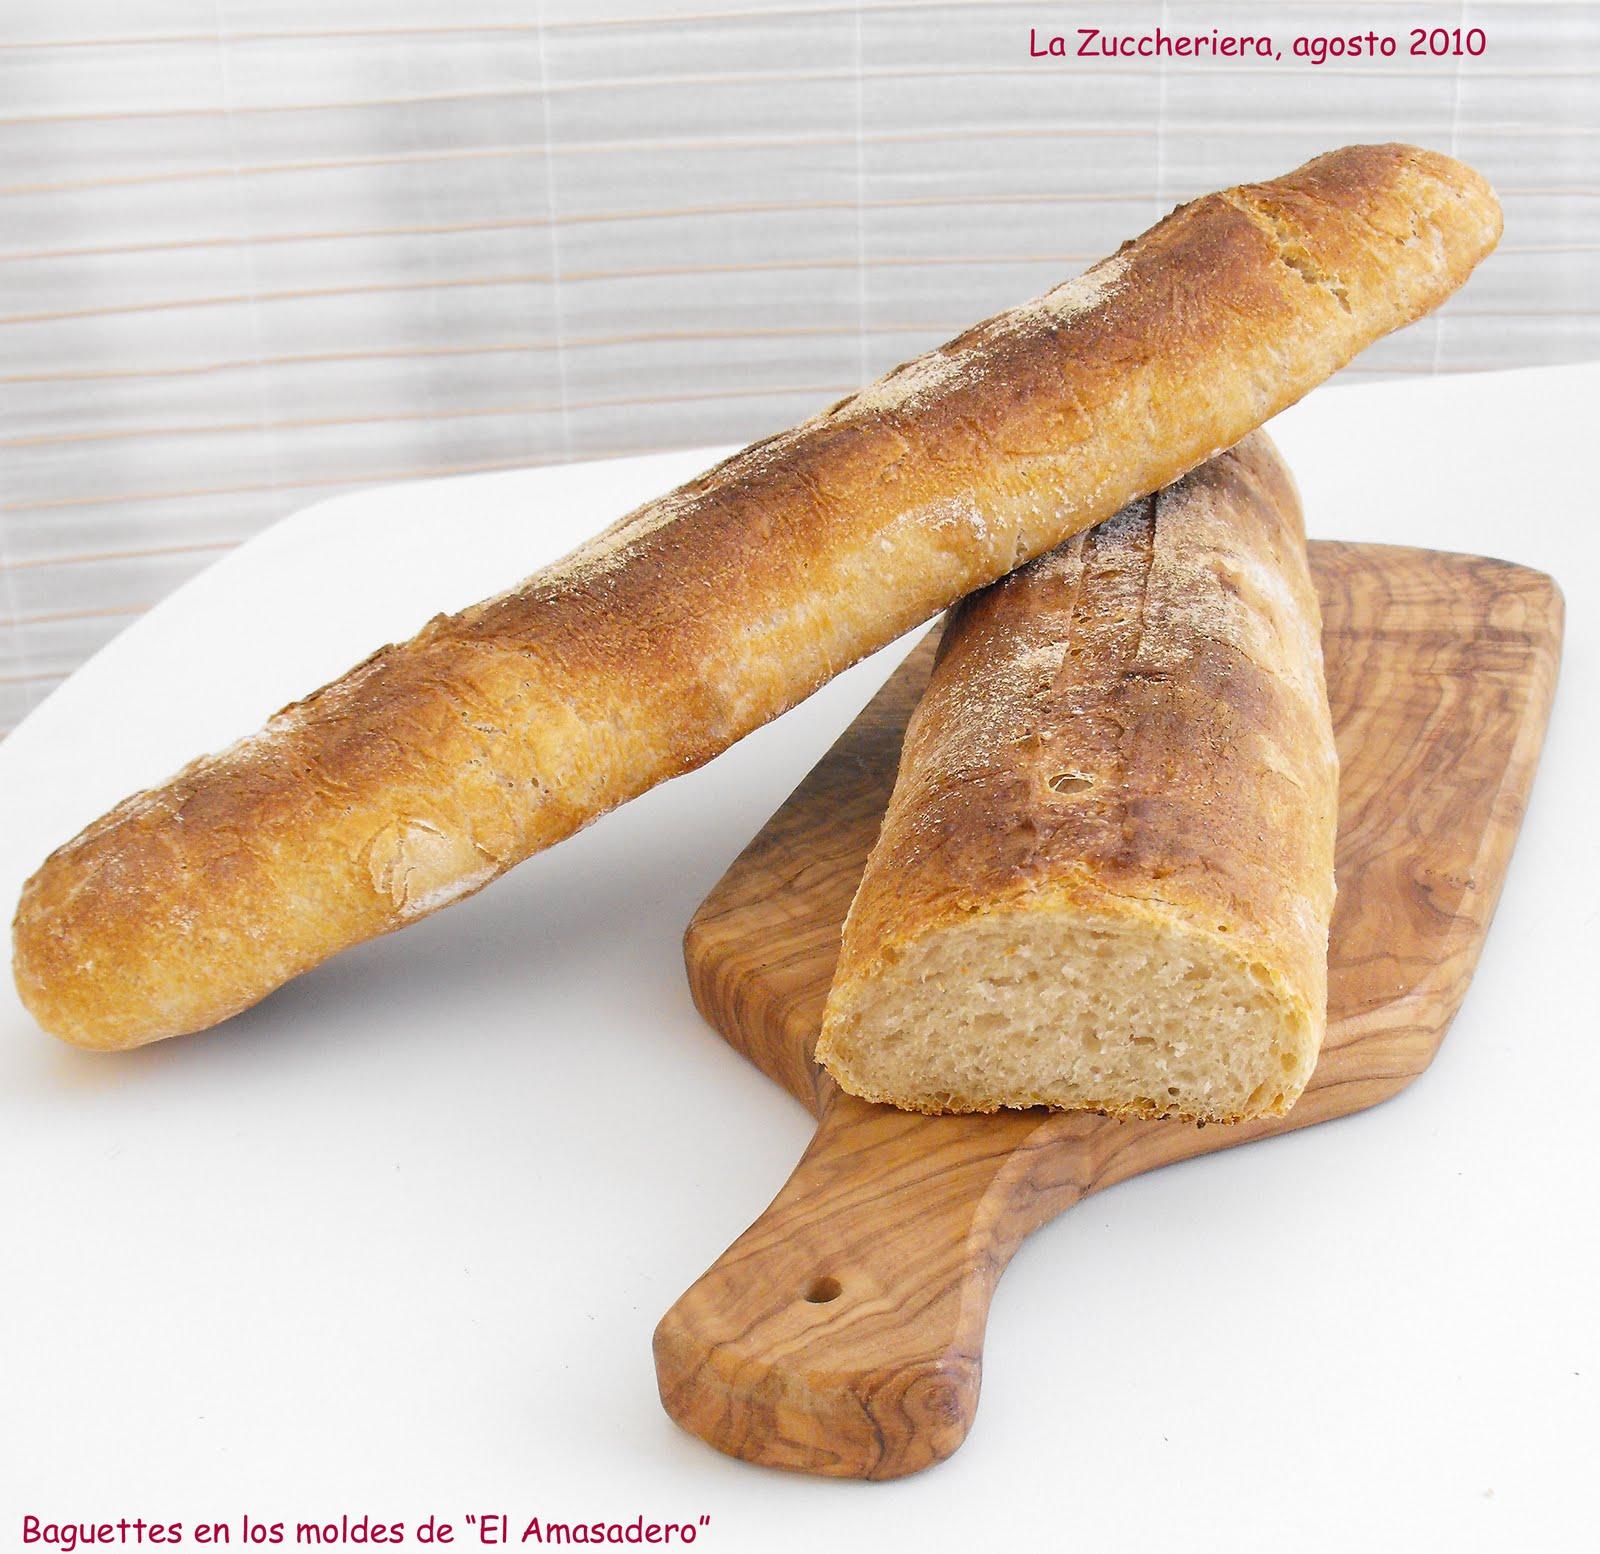 Pane e pizza las baguettes en los moldes de el amasadero - El amasadero ...